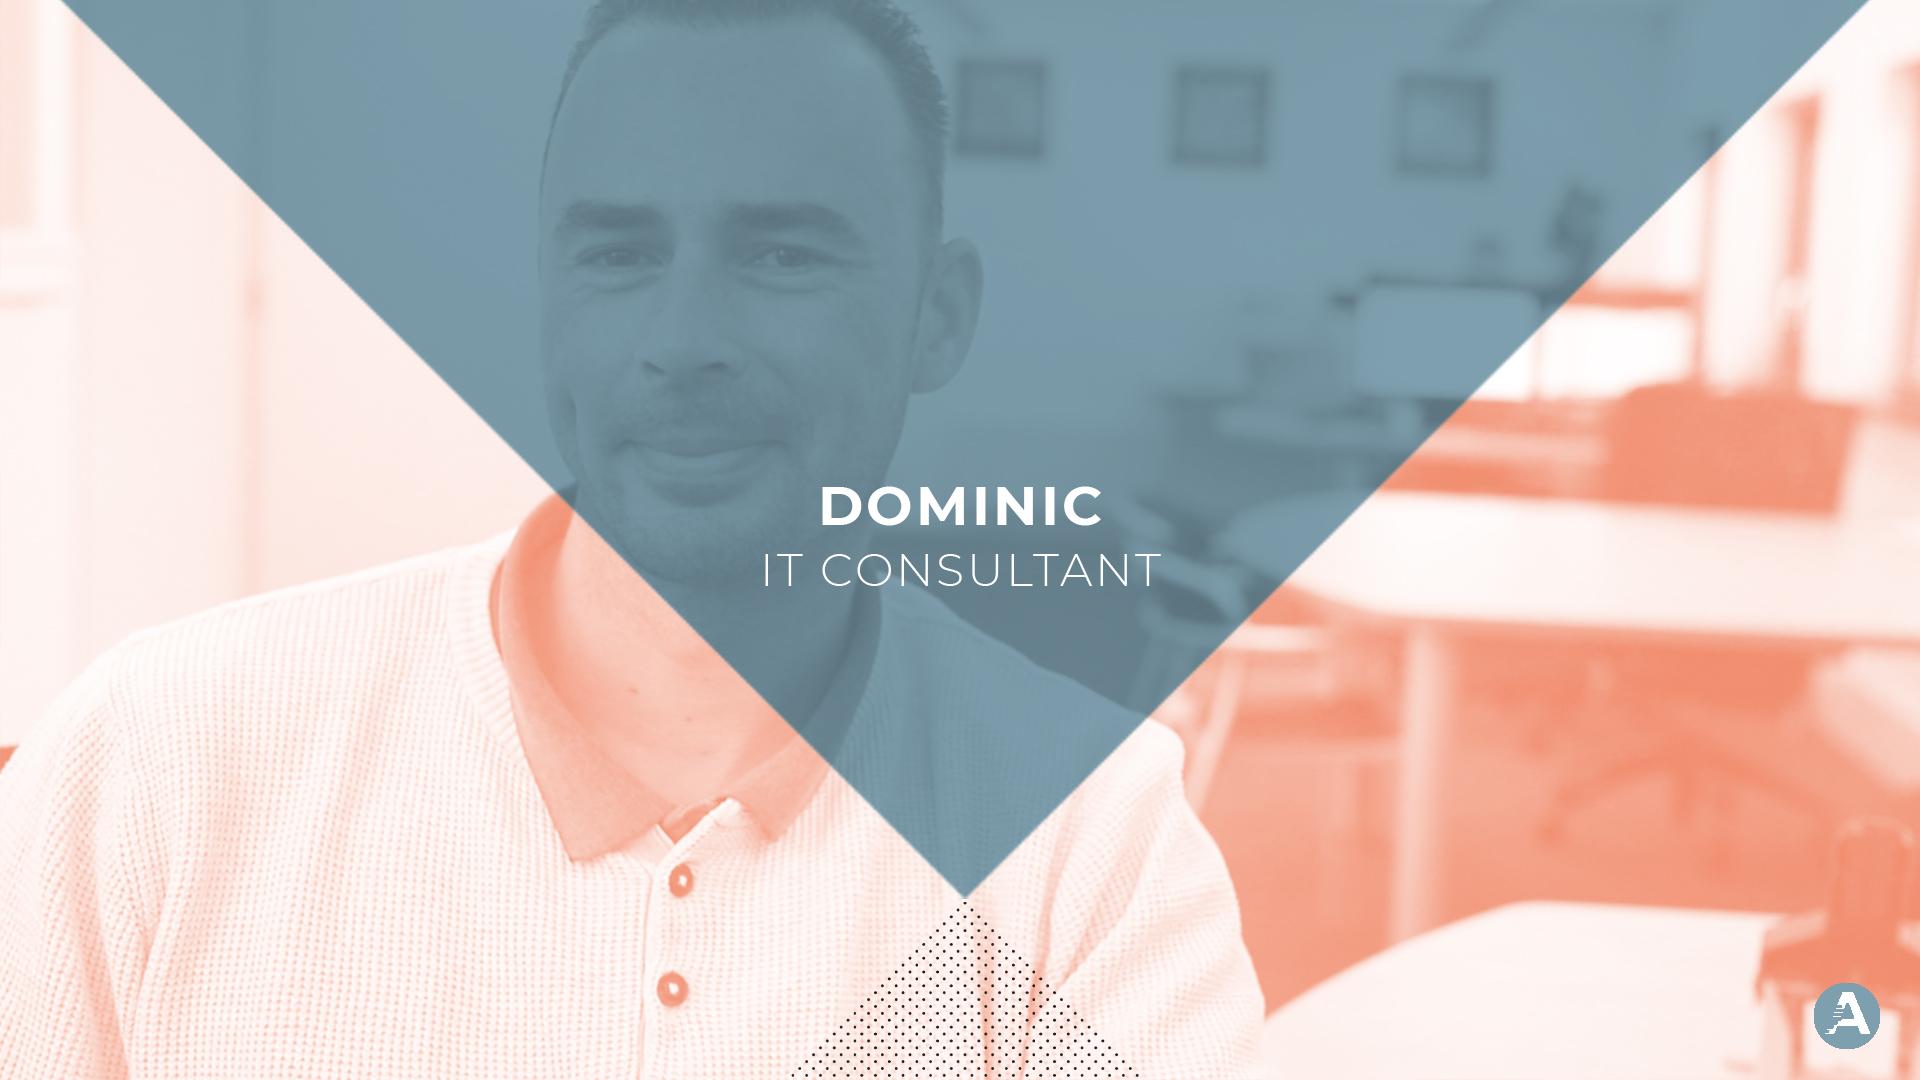 Video: Dominic vertelt over het belang van een goede backup